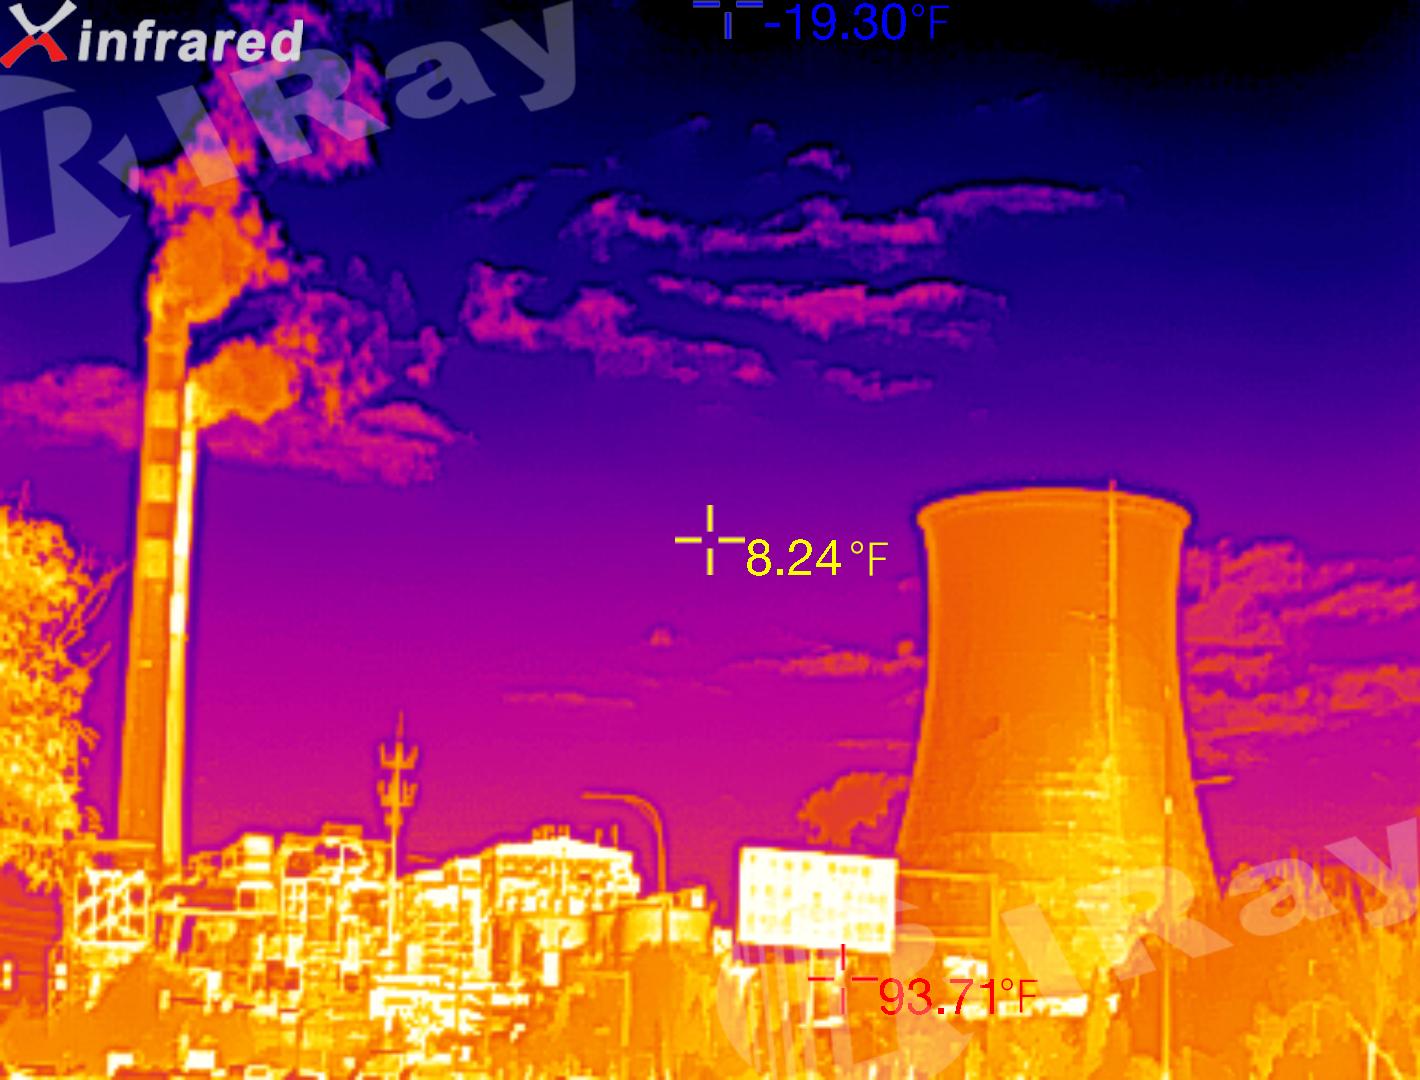 艾睿光电红外热成像仪应用于测温实拍